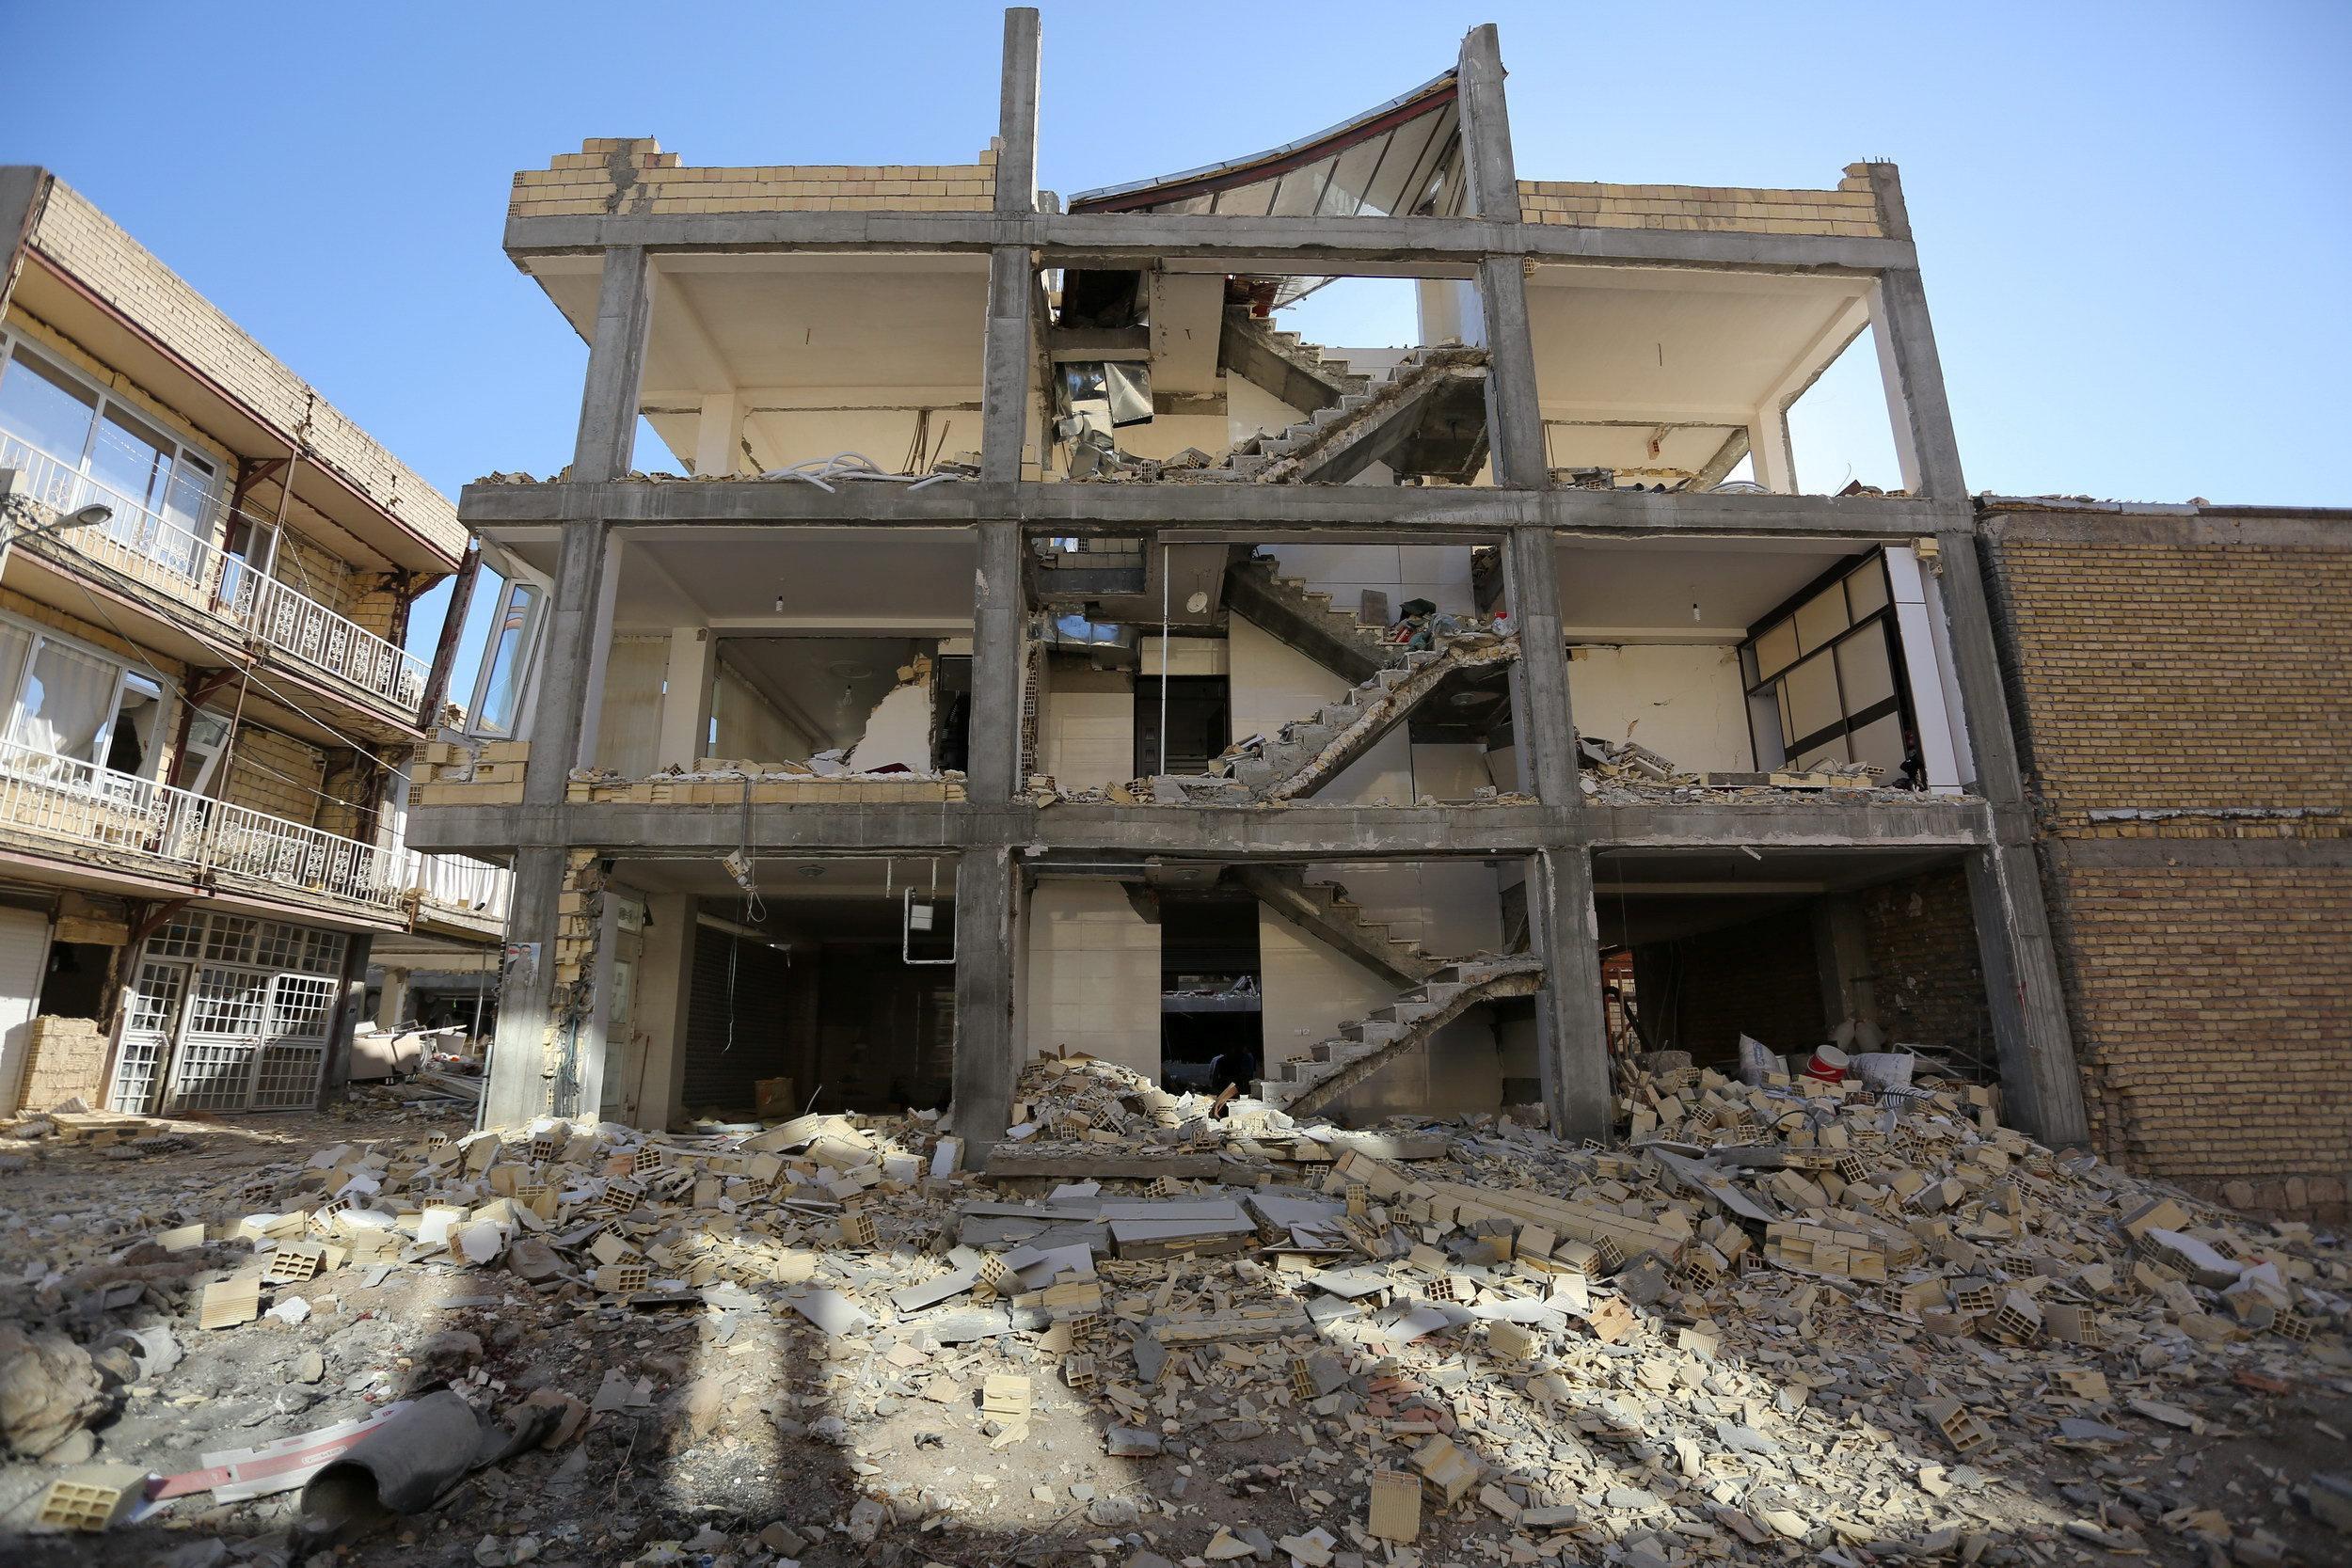 Iran quake survivors complain of slow aid effort, battle